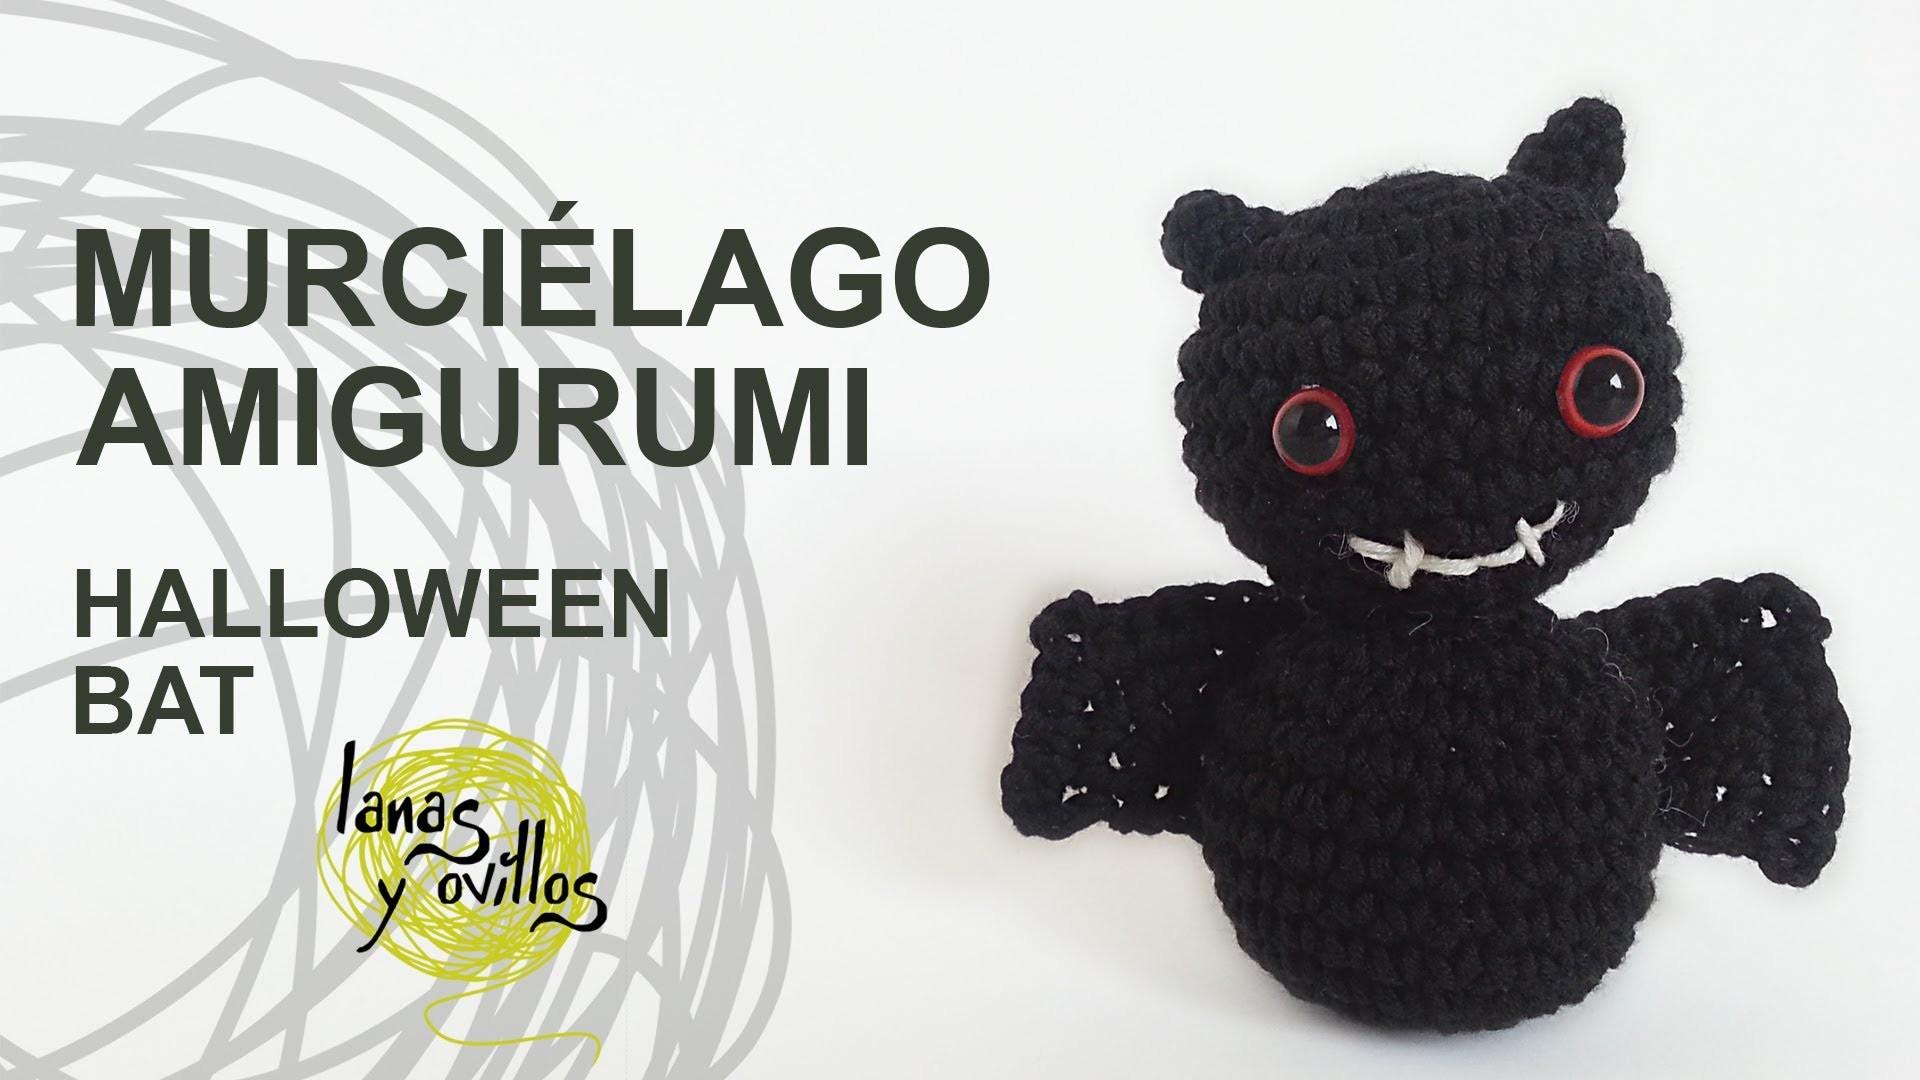 Tutorial Murciélago Amgirumi  Bat Crochet o Ganchillo (English Subtitles)